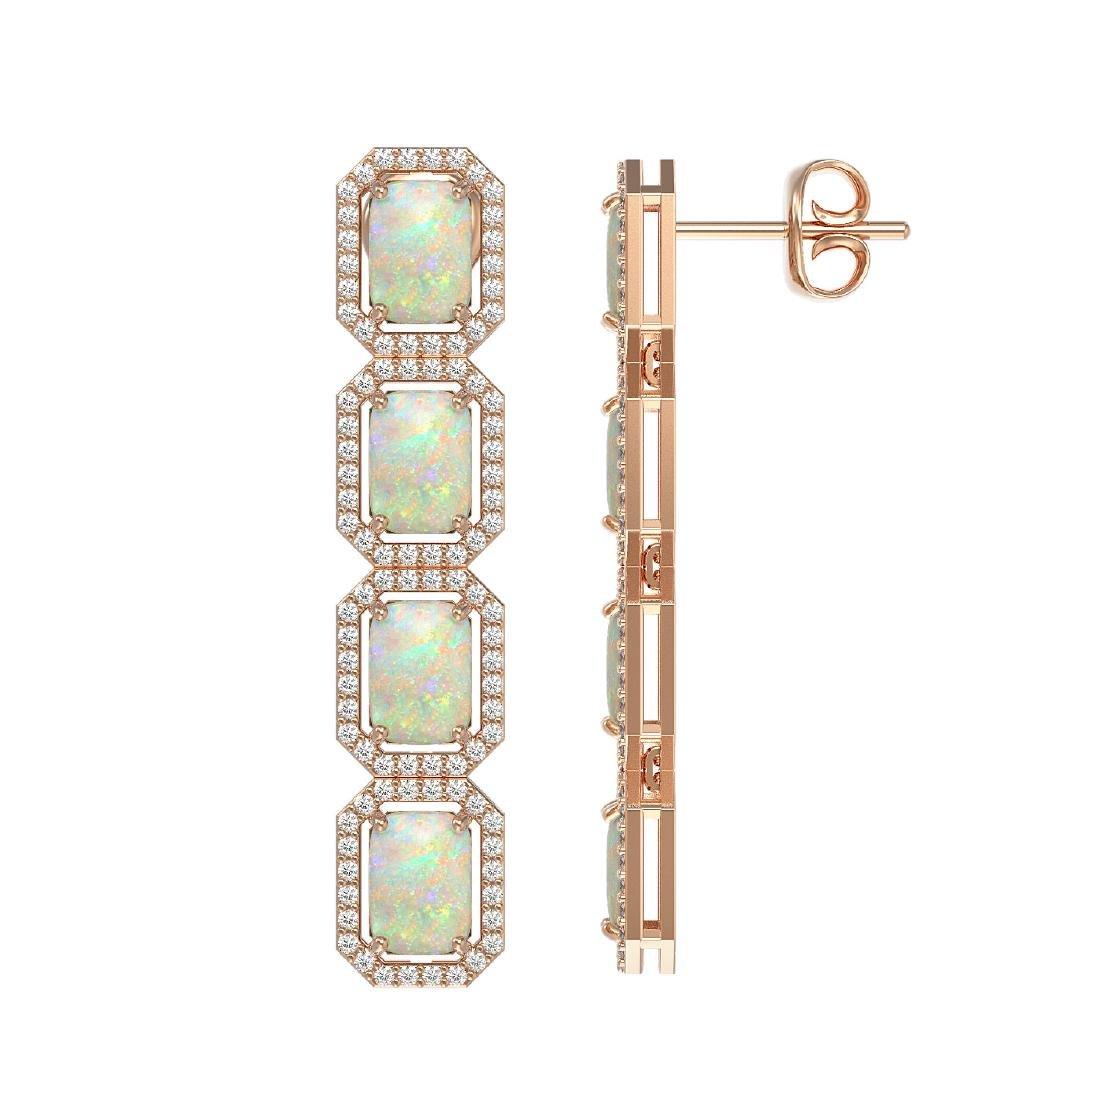 7.93 CTW Opal & Diamond Halo Earrings 10K Rose Gold - 2